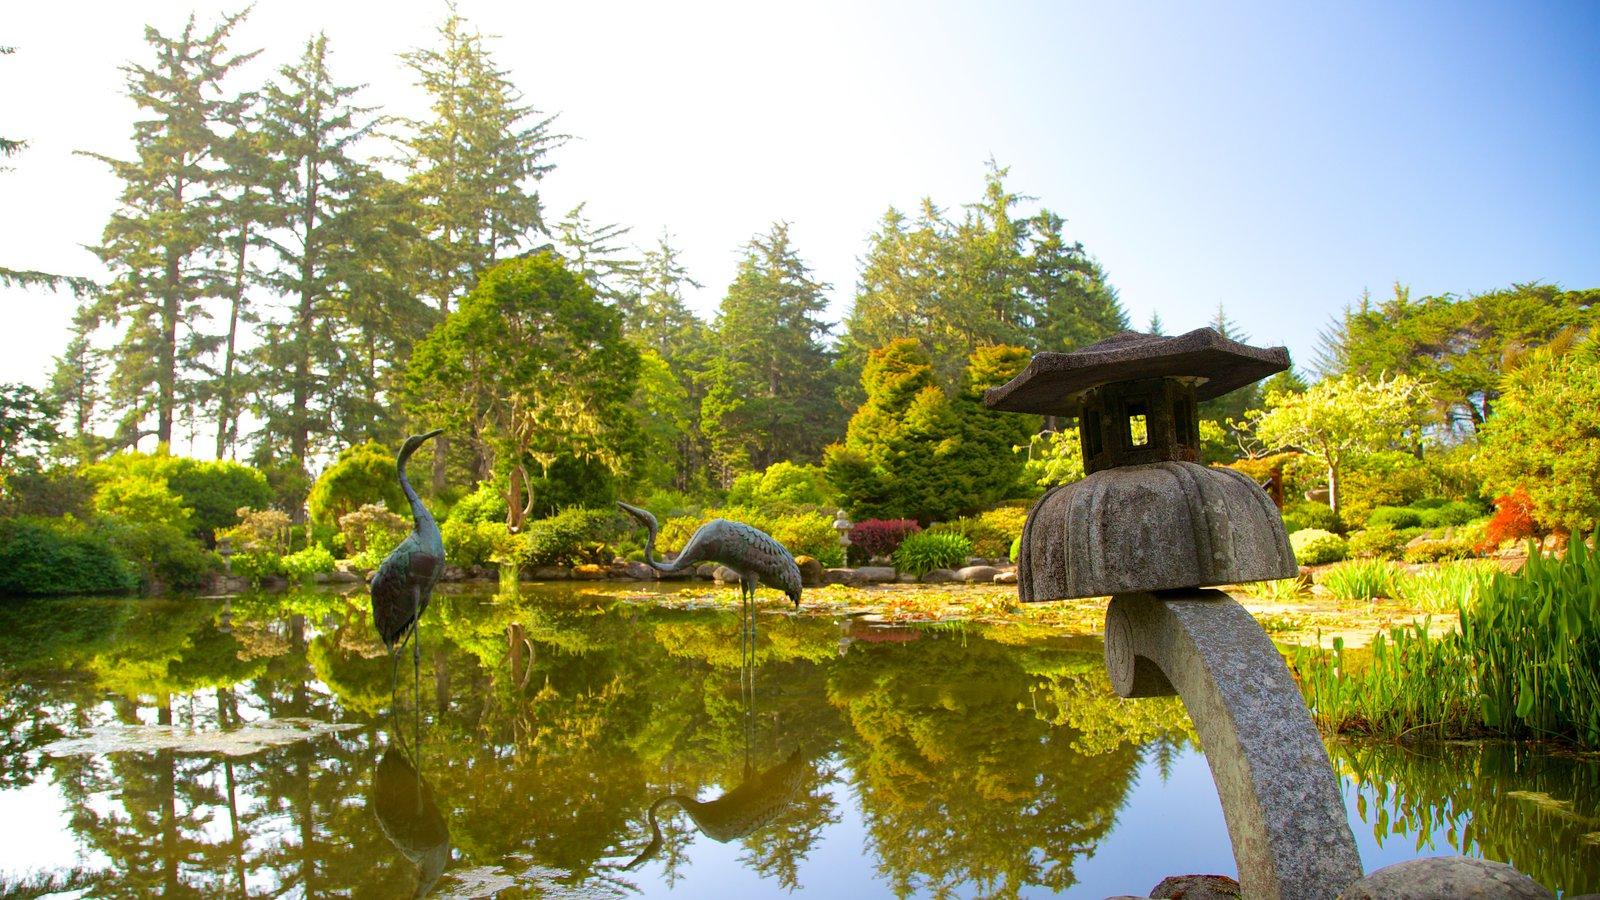 Parque estatal Shore Acres ofreciendo una estatua o escultura y un estanque